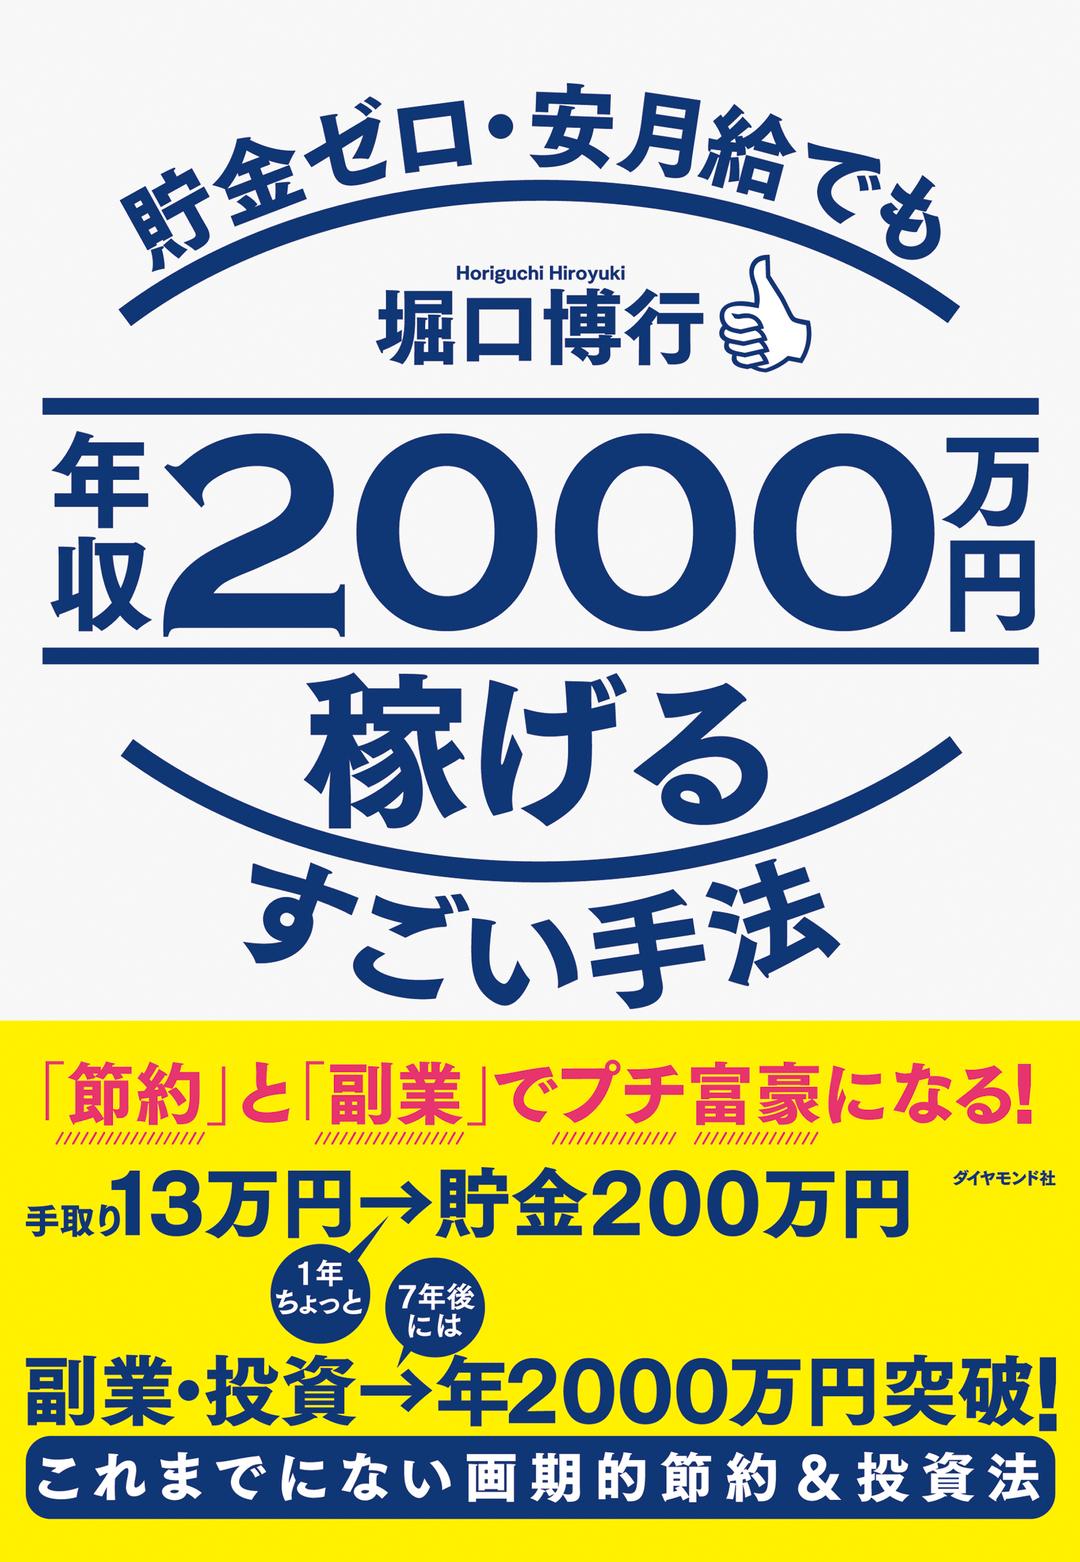 たいして頭がよくなくても<br />年収2000万円くらい稼げます<br />